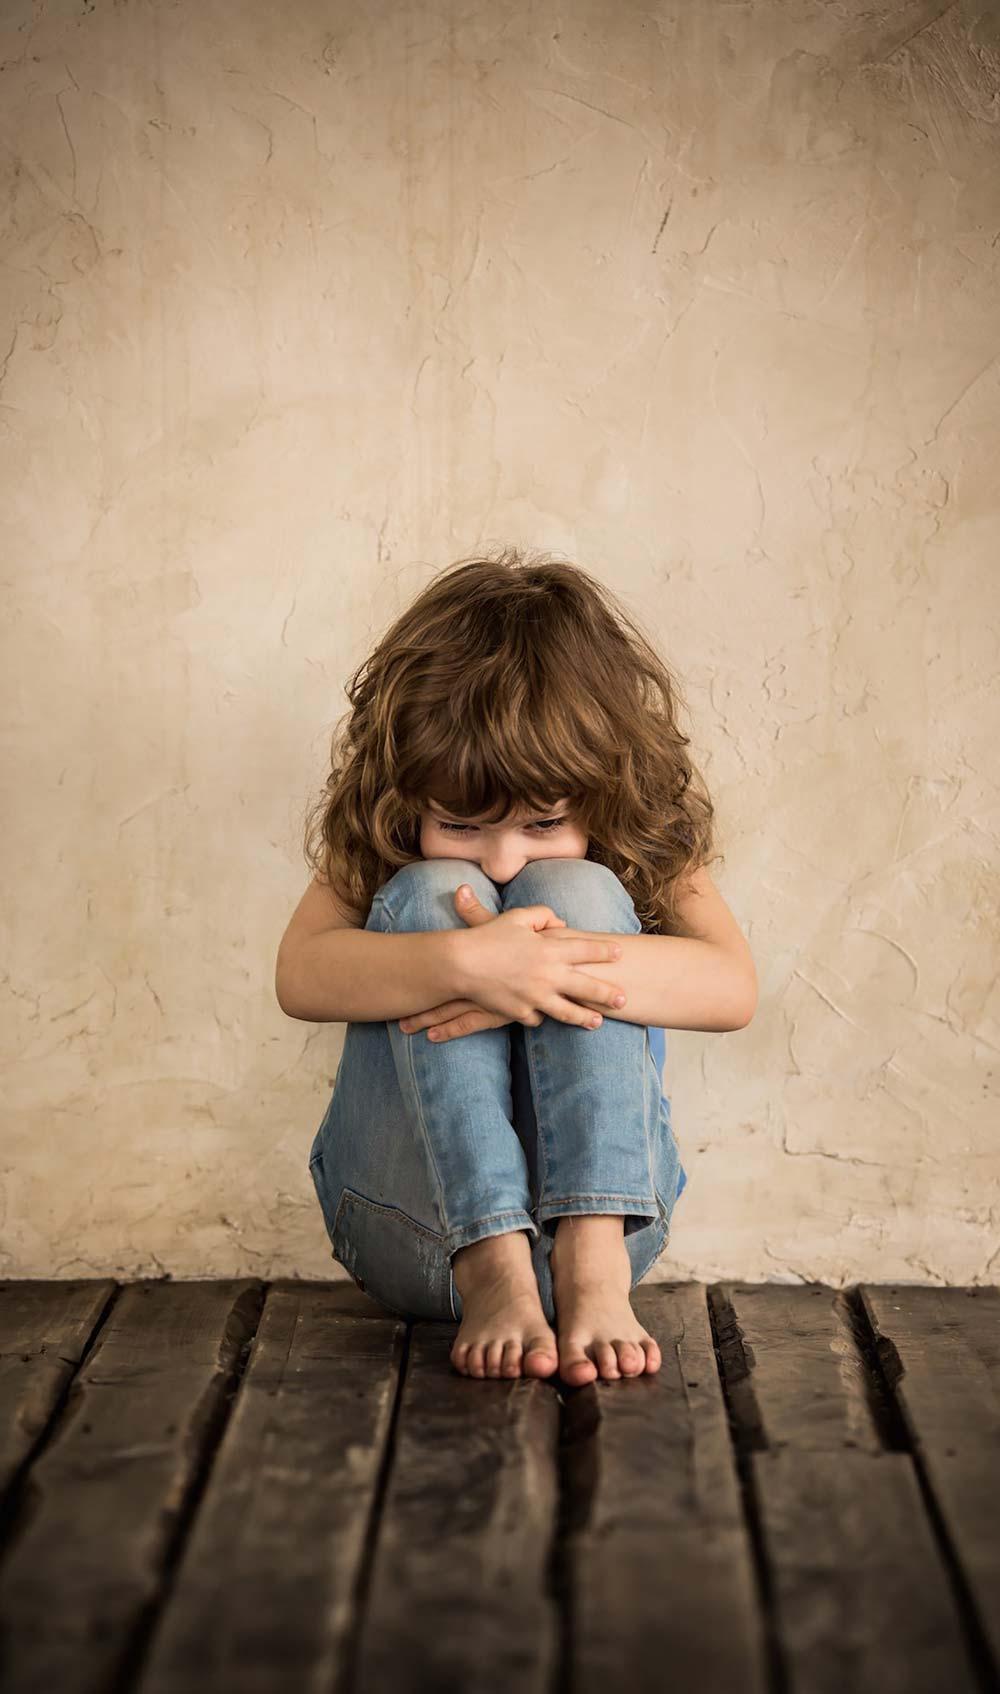 بیماری ها و مشکلات روانی در کودکان